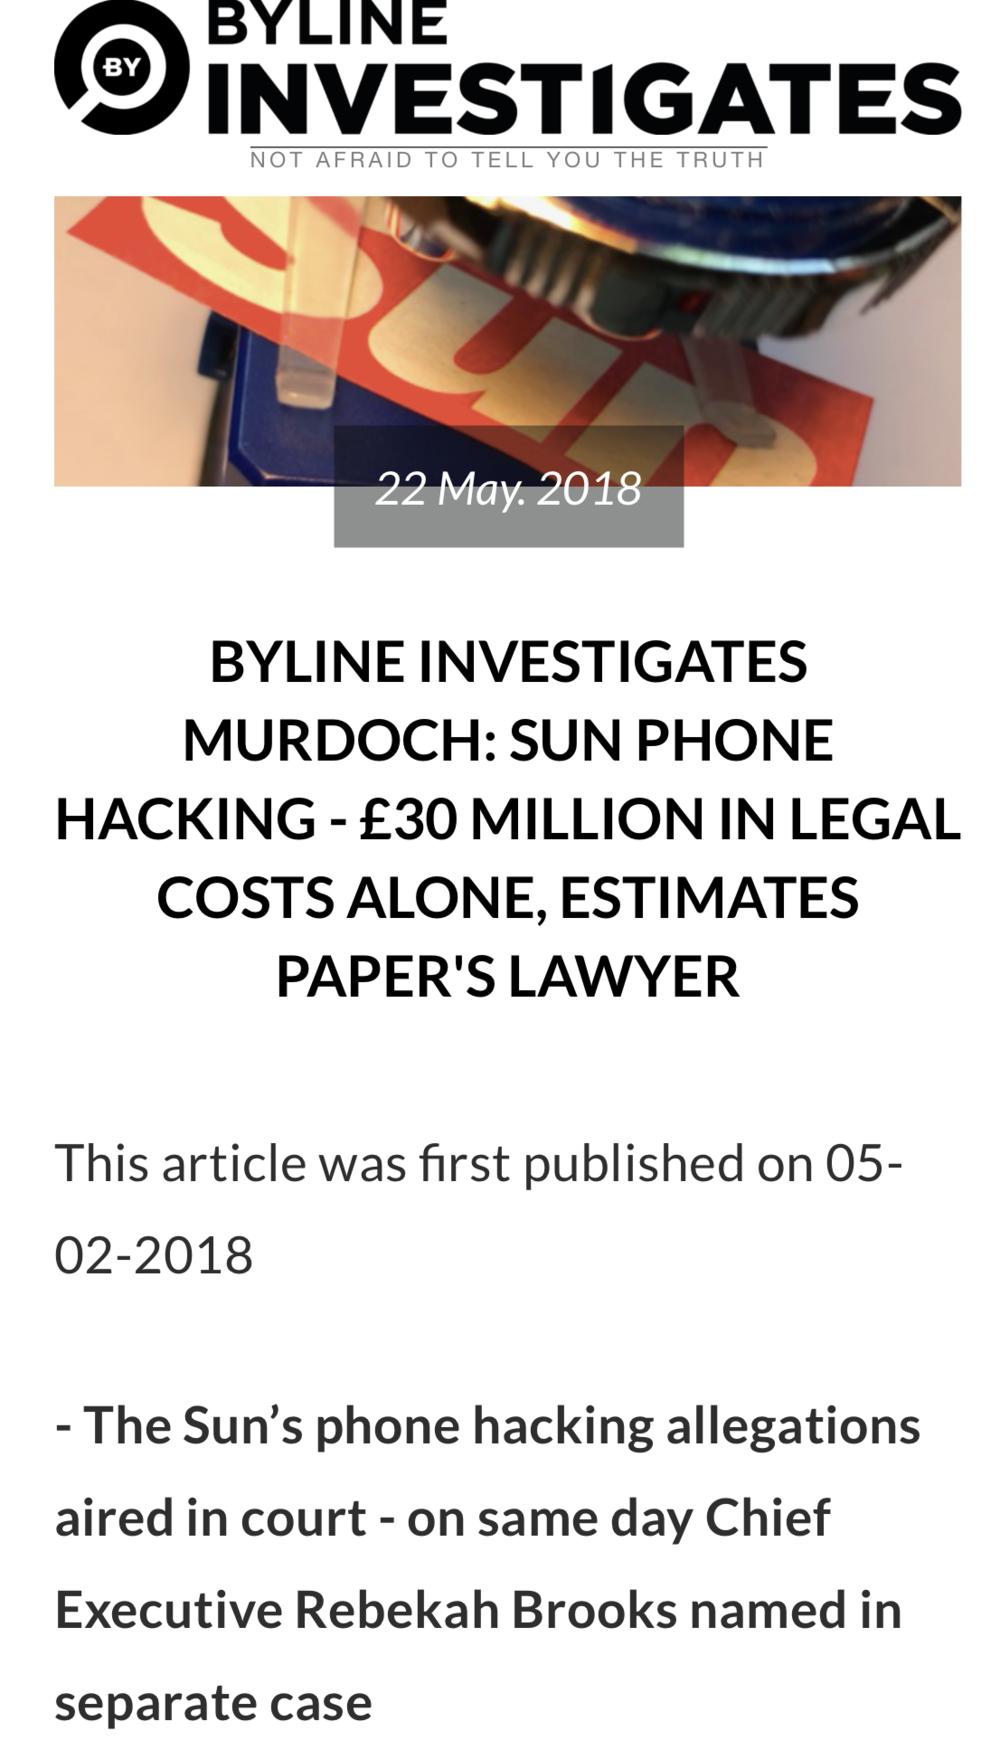 Screenshot 2019-10-07 at 16.45.13.png